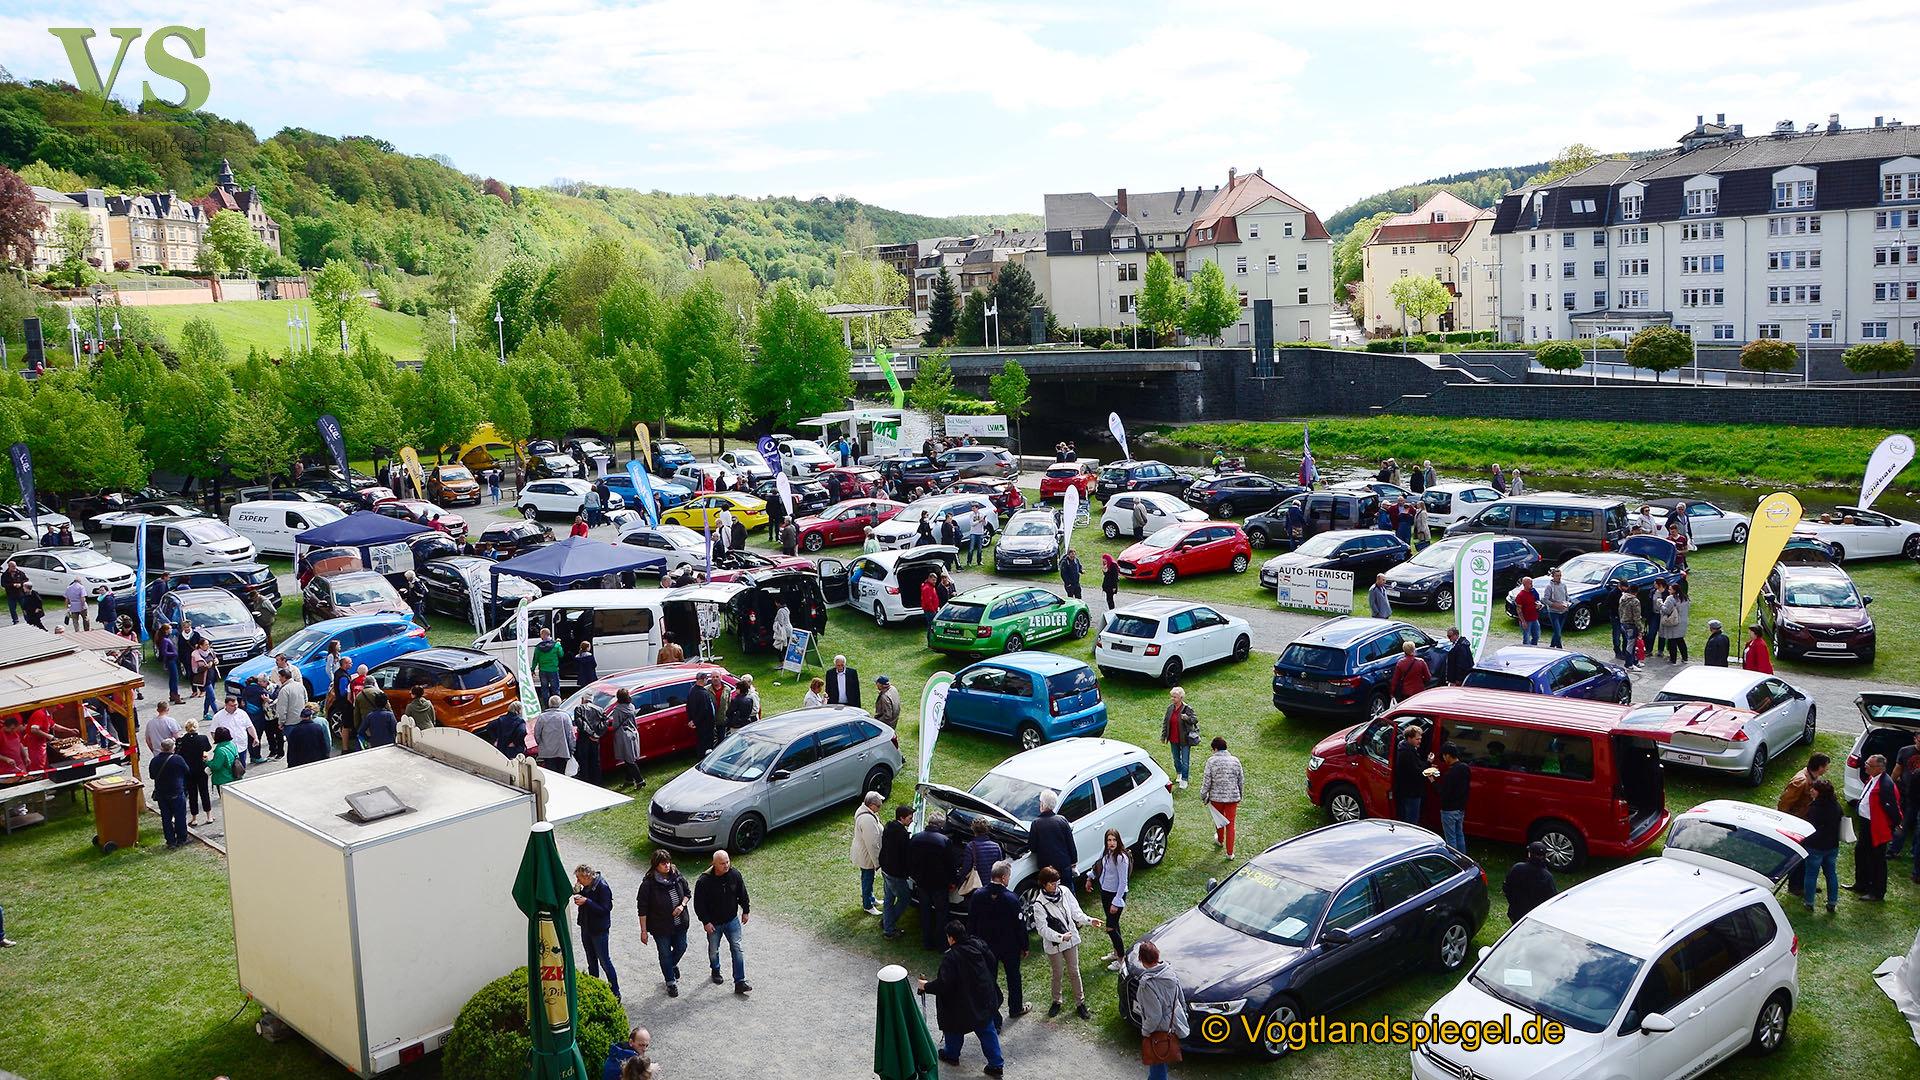 Greizer strömen in Scharen am 1. Mai zum Bauern -und Automarkt